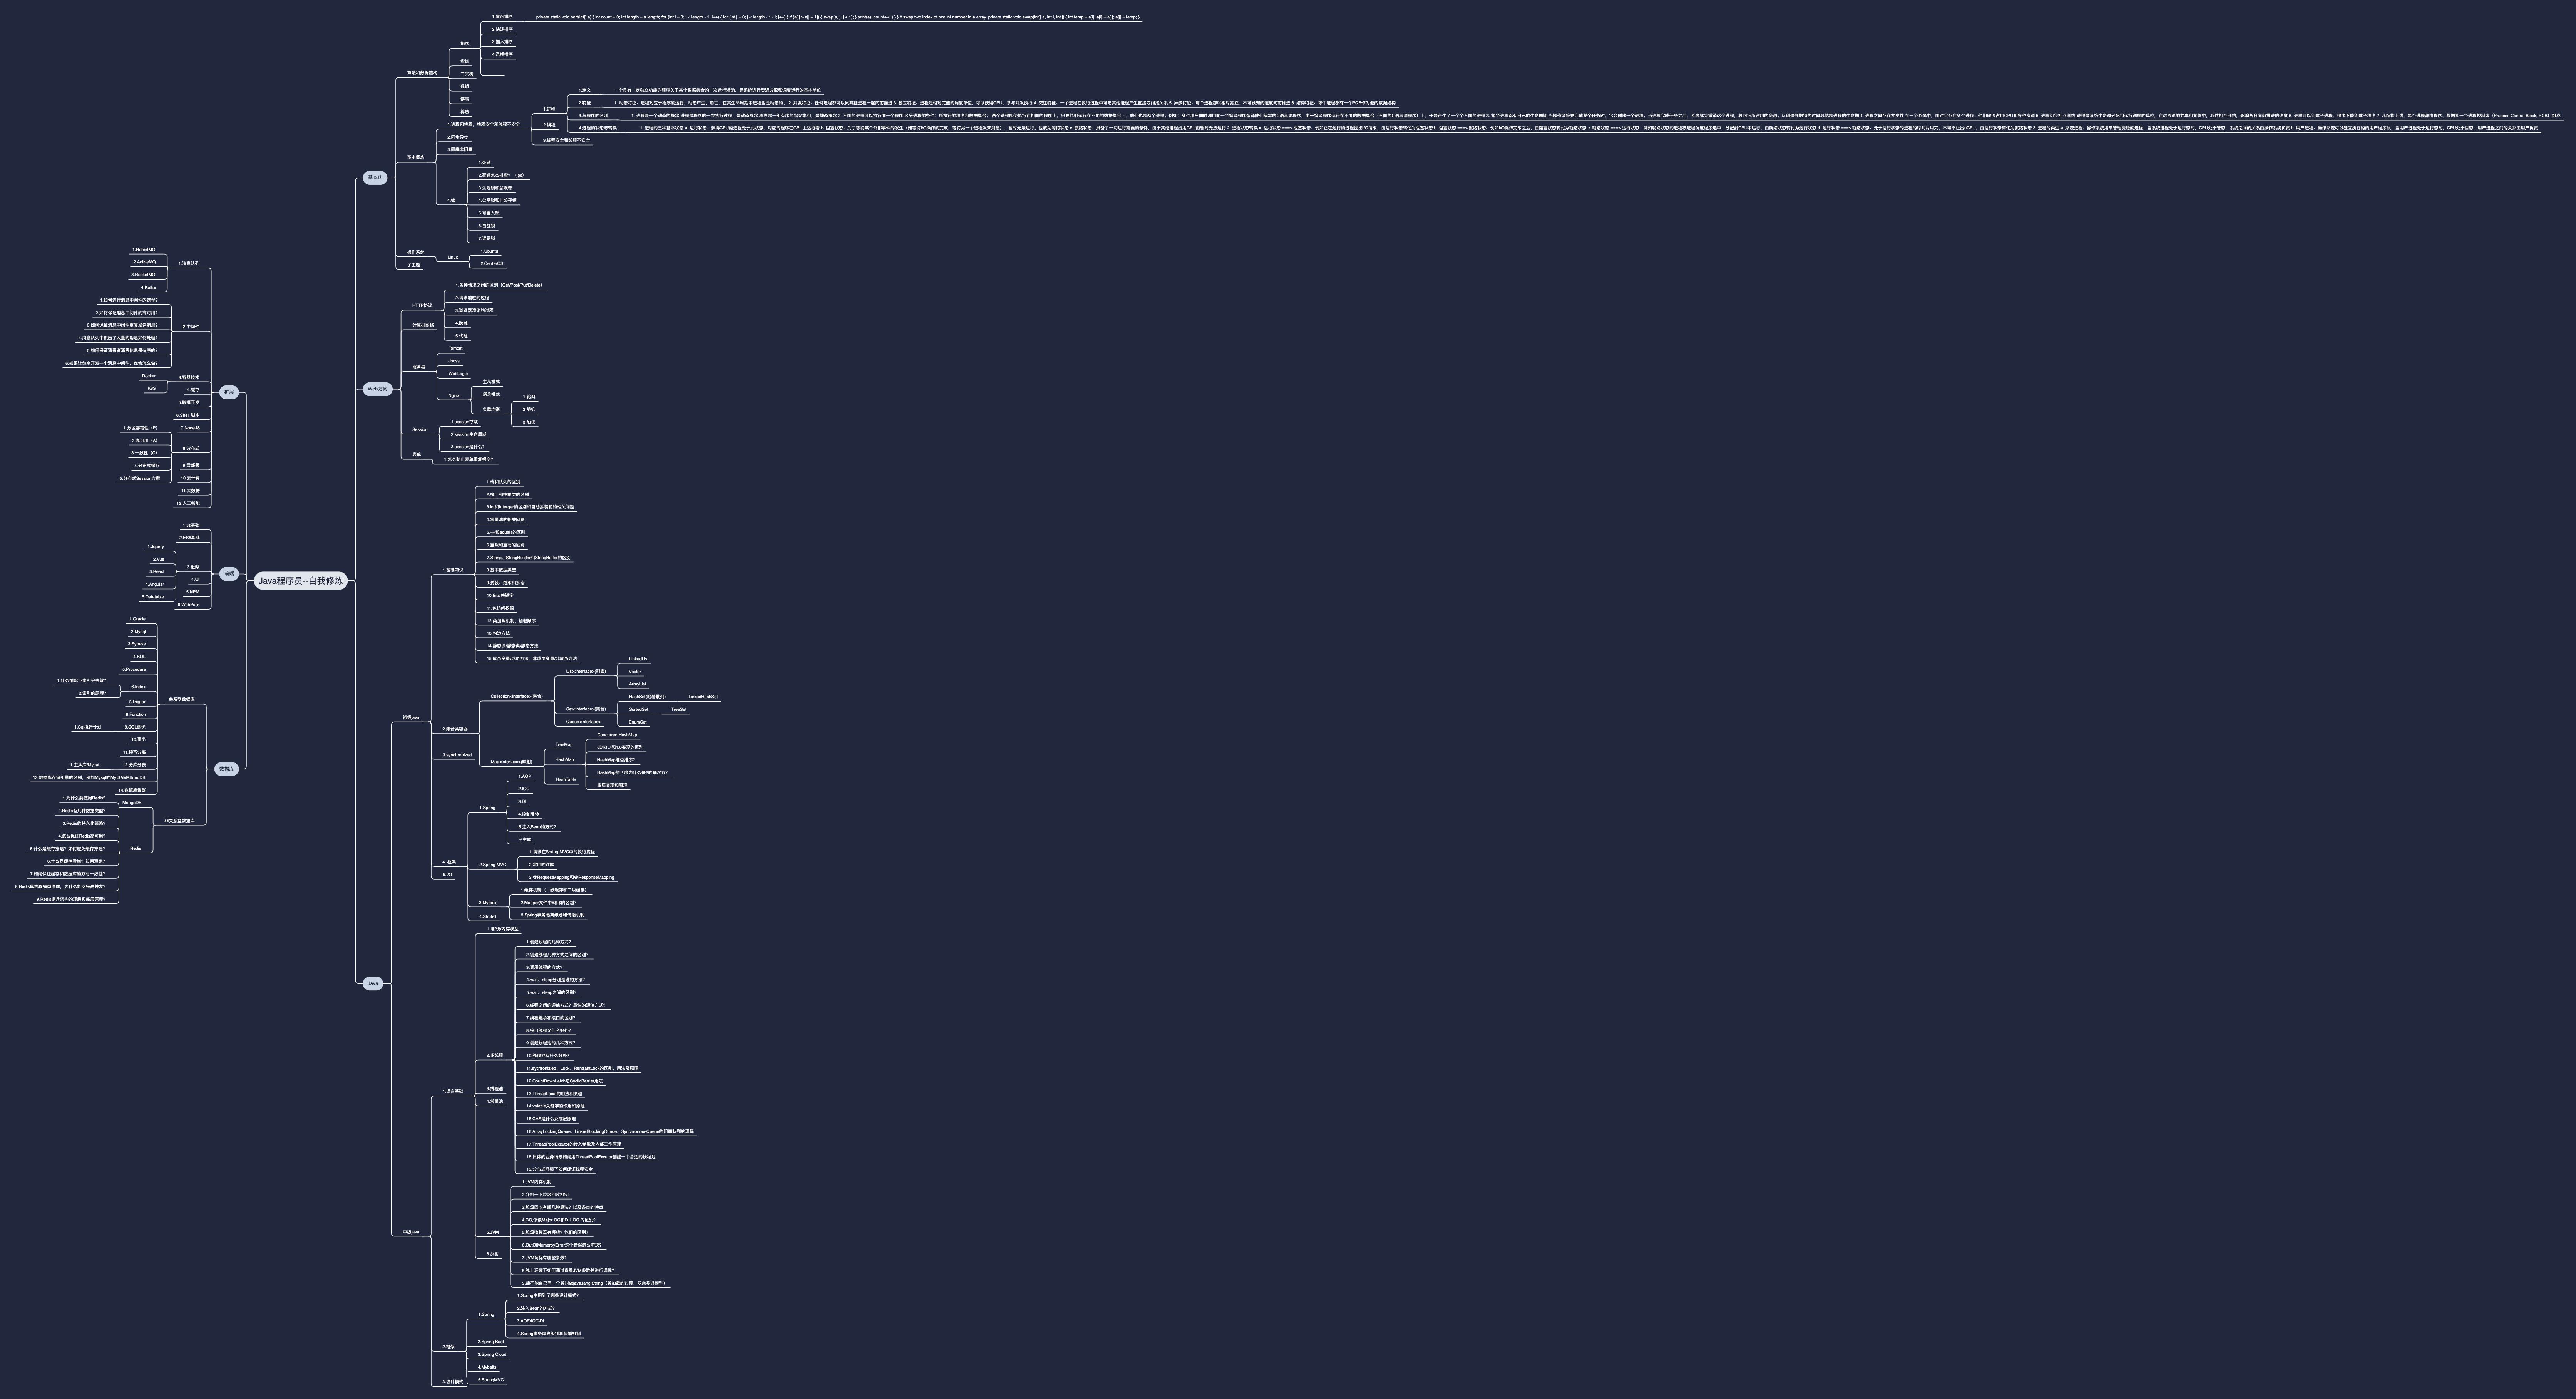 Java程序员--自我修炼